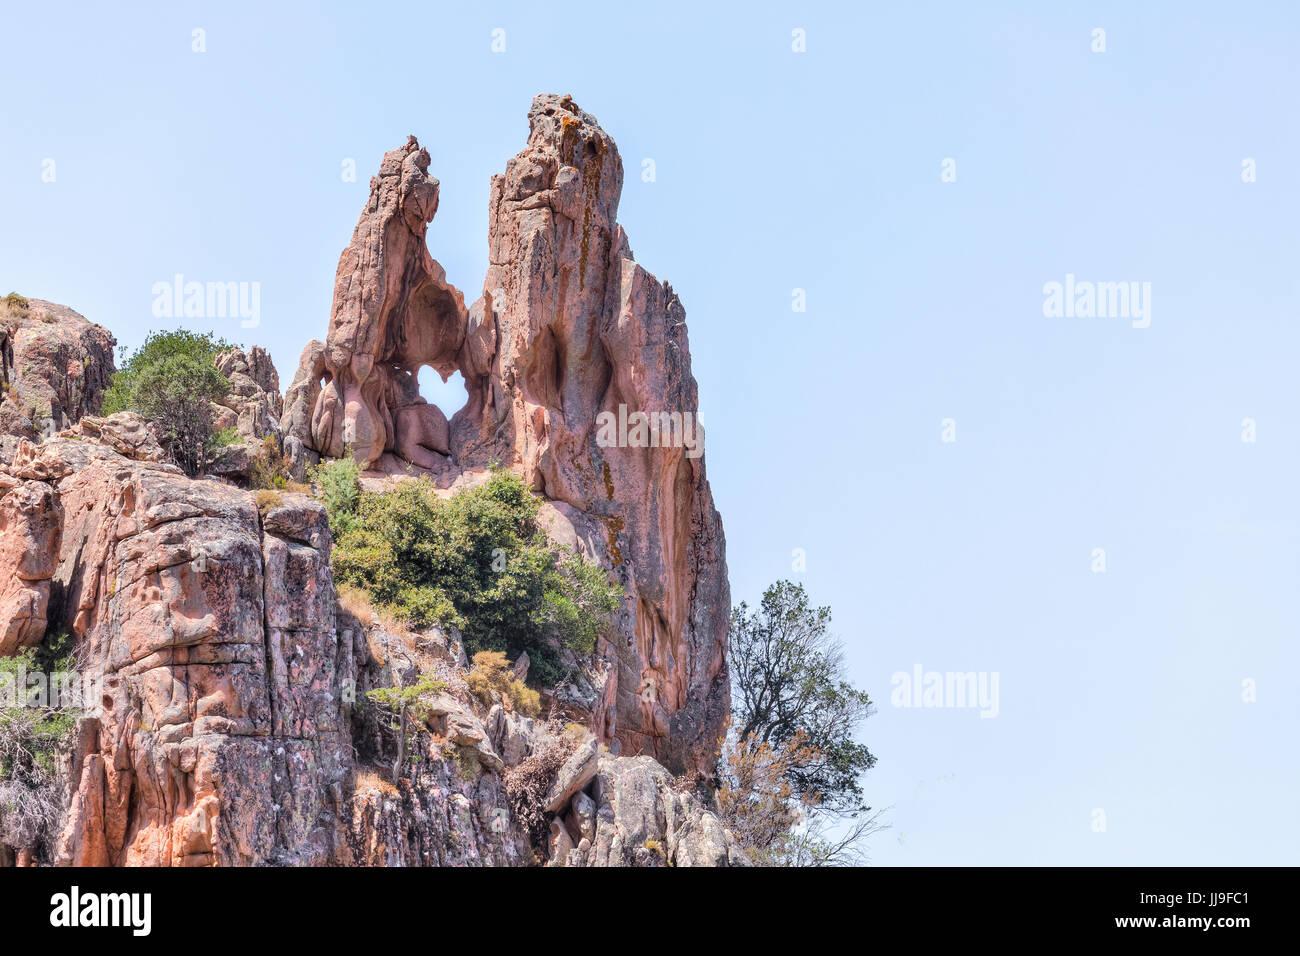 Le Coeur, Calanques de Piana, Piana, Corsica, France - Stock Image